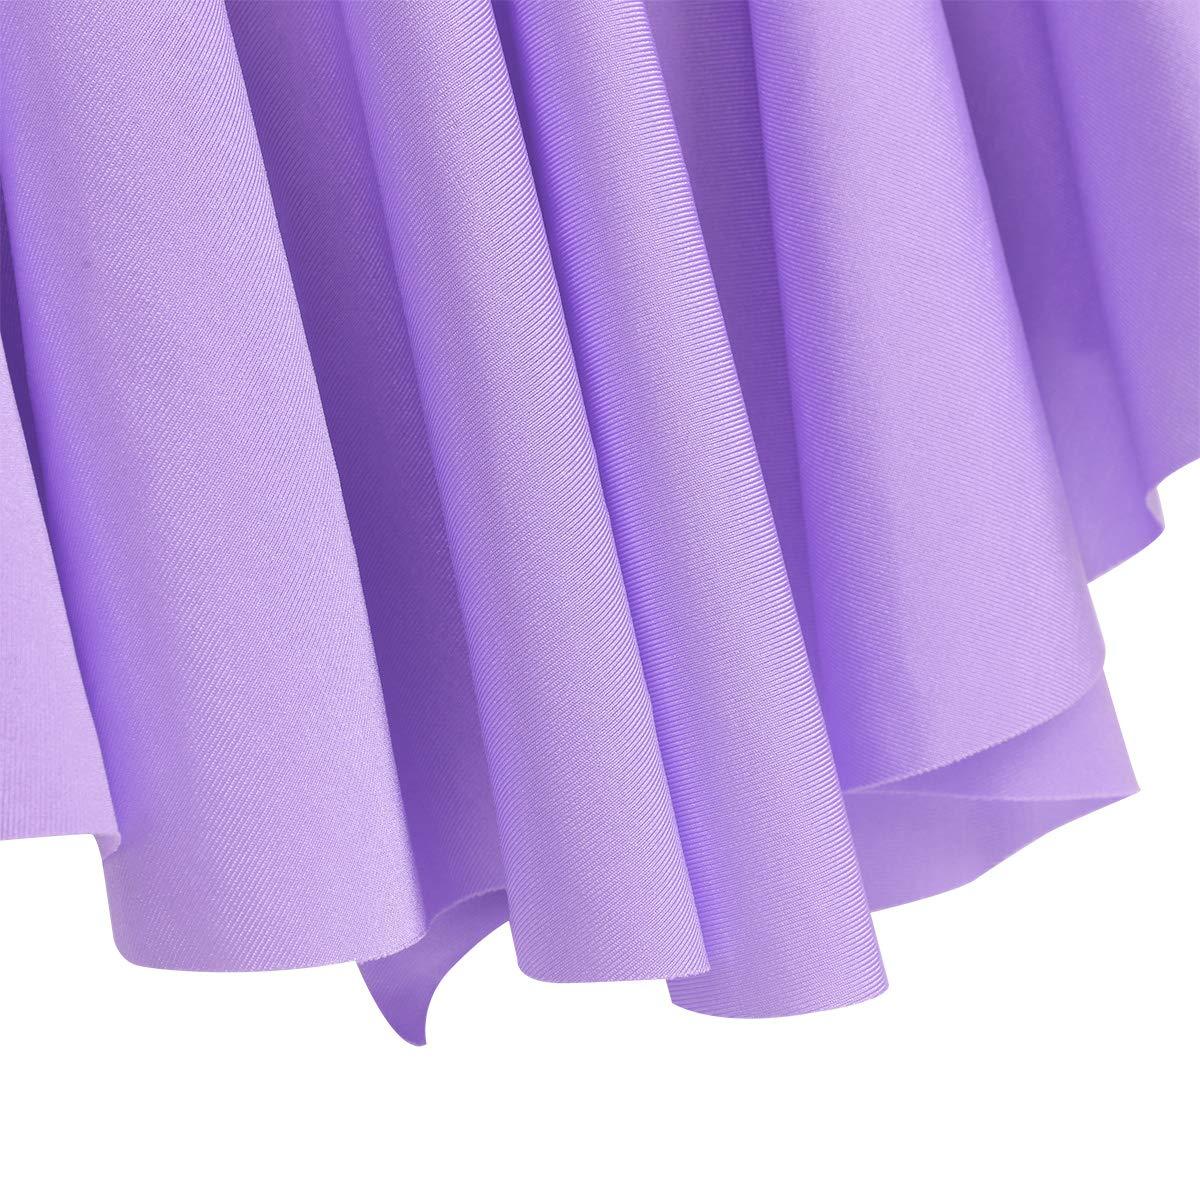 iEFiEL Vestito da Balletto Bambina Ragazze Leotard Body Dancewear Ginnastica Danza Classica Senza Manica Abbigliamento Gonna Allenamento Ballo Elegante 4-14 Anni